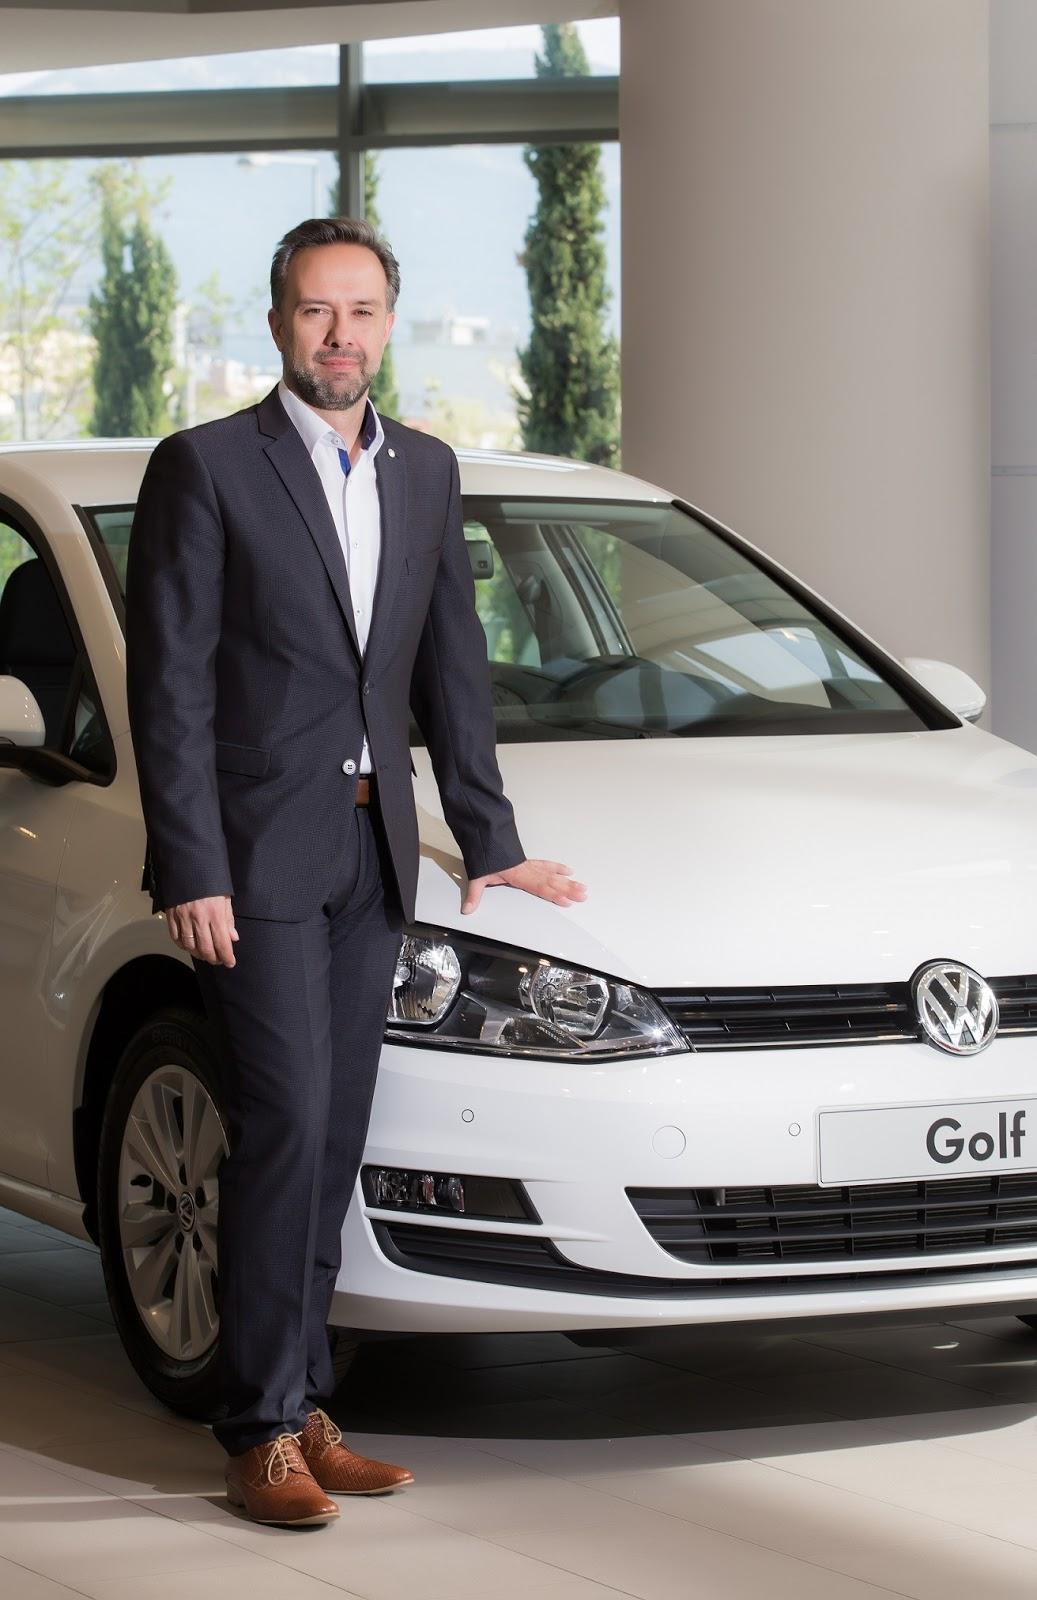 KOSMOCAR VOLKWAGEN 25CE259825CE259125CE259D25CE259125CE25A325CE259725CE25A32B25CE259A25CE259F25CE259D25CE259925CE25A325CE25A425CE259725CE25A3 2 Παγκόσμια πρωταθλήτρια στις πωλήσεις το Volkswagen Group Kosmocar, VAG, Volkswagen, VW, zblog, αγορά, πωλήσεις, πωλήσεις αυτοκινήτων